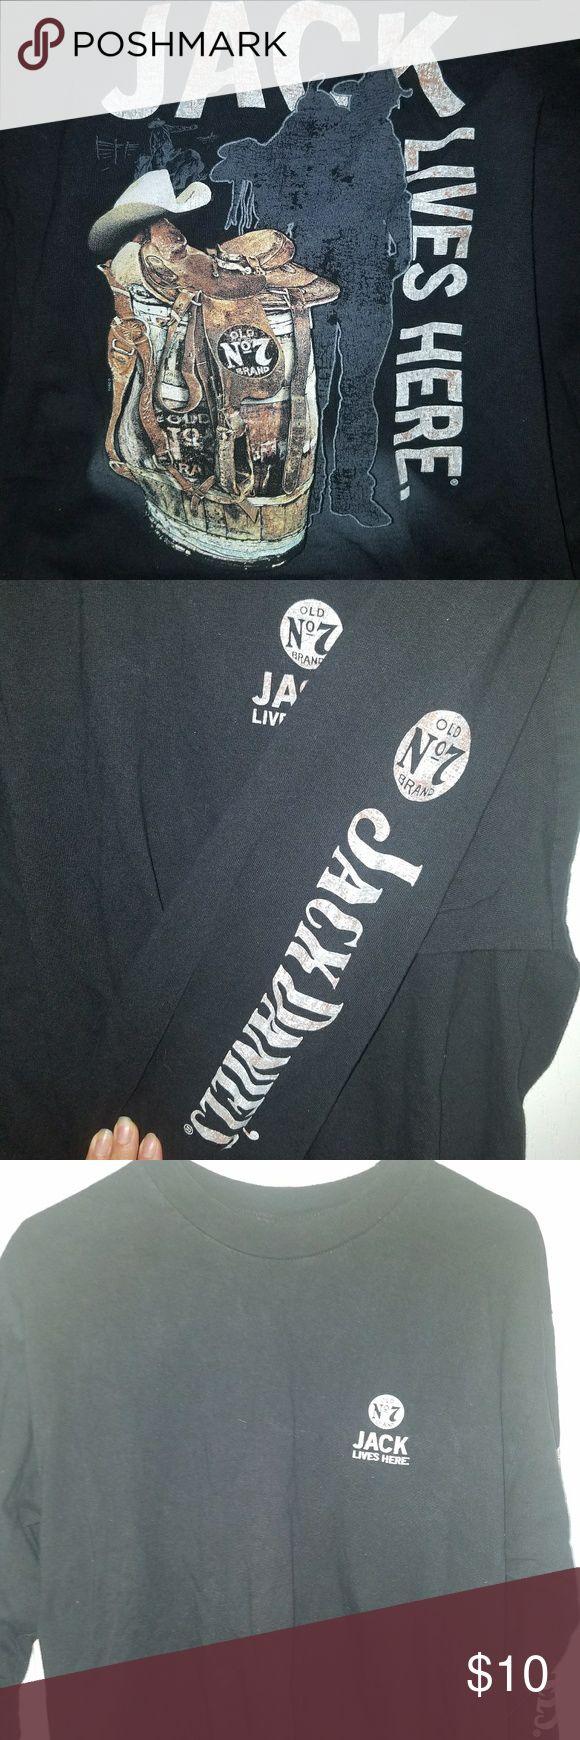 Design your own jack daniels t shirt - Men S Long Sleevws T Shirt Good Condition Jack No 7 Size L